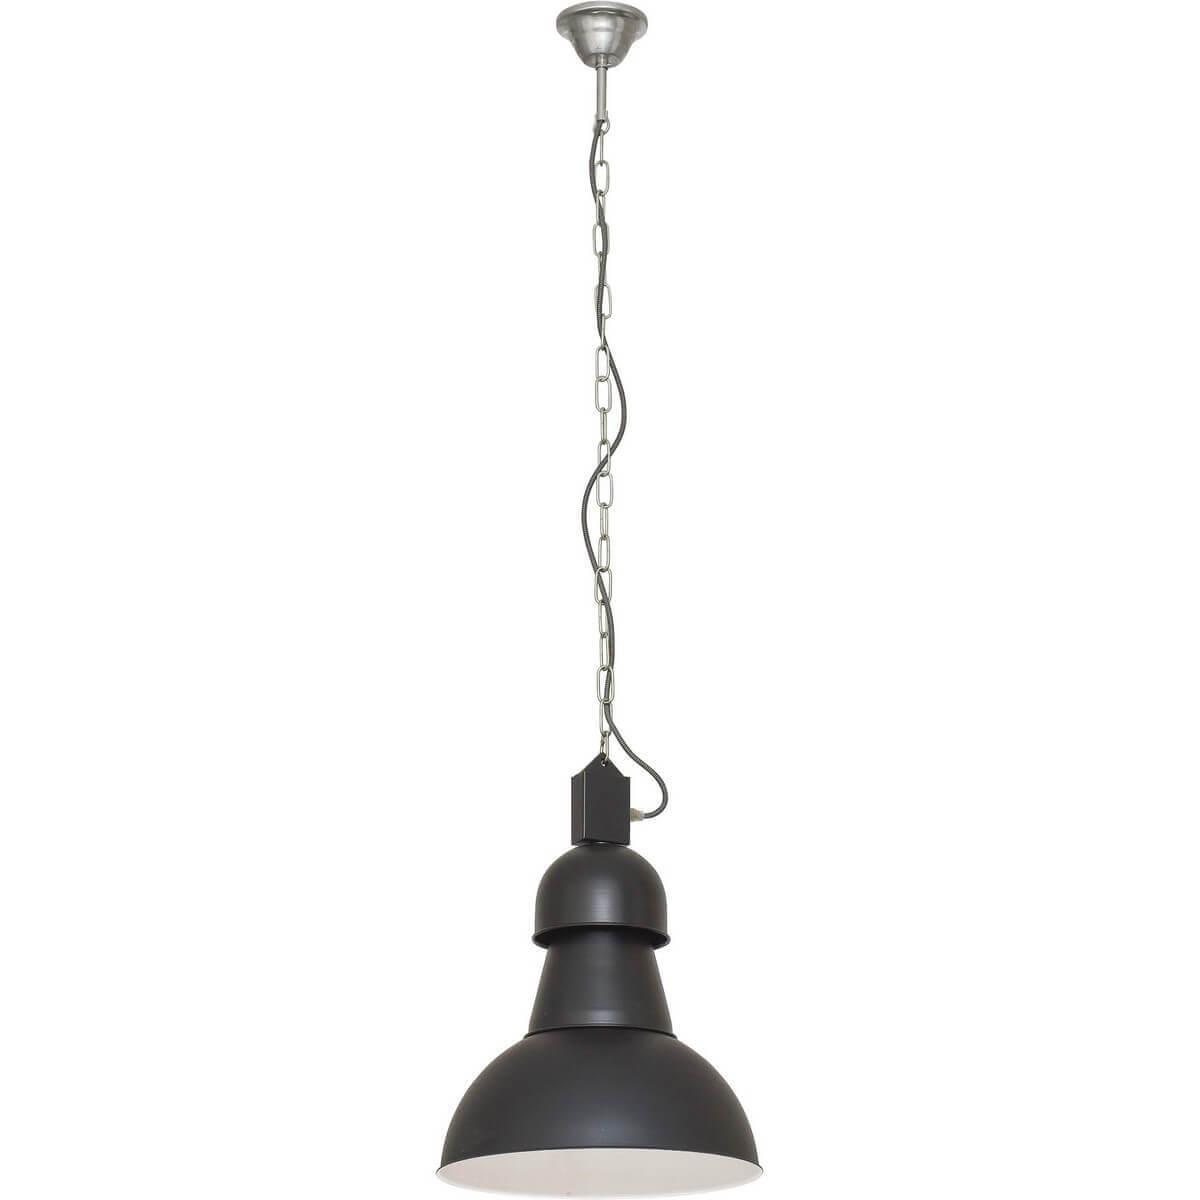 Подвесной светильник Nowodvorski High-Bay 5067 недорого